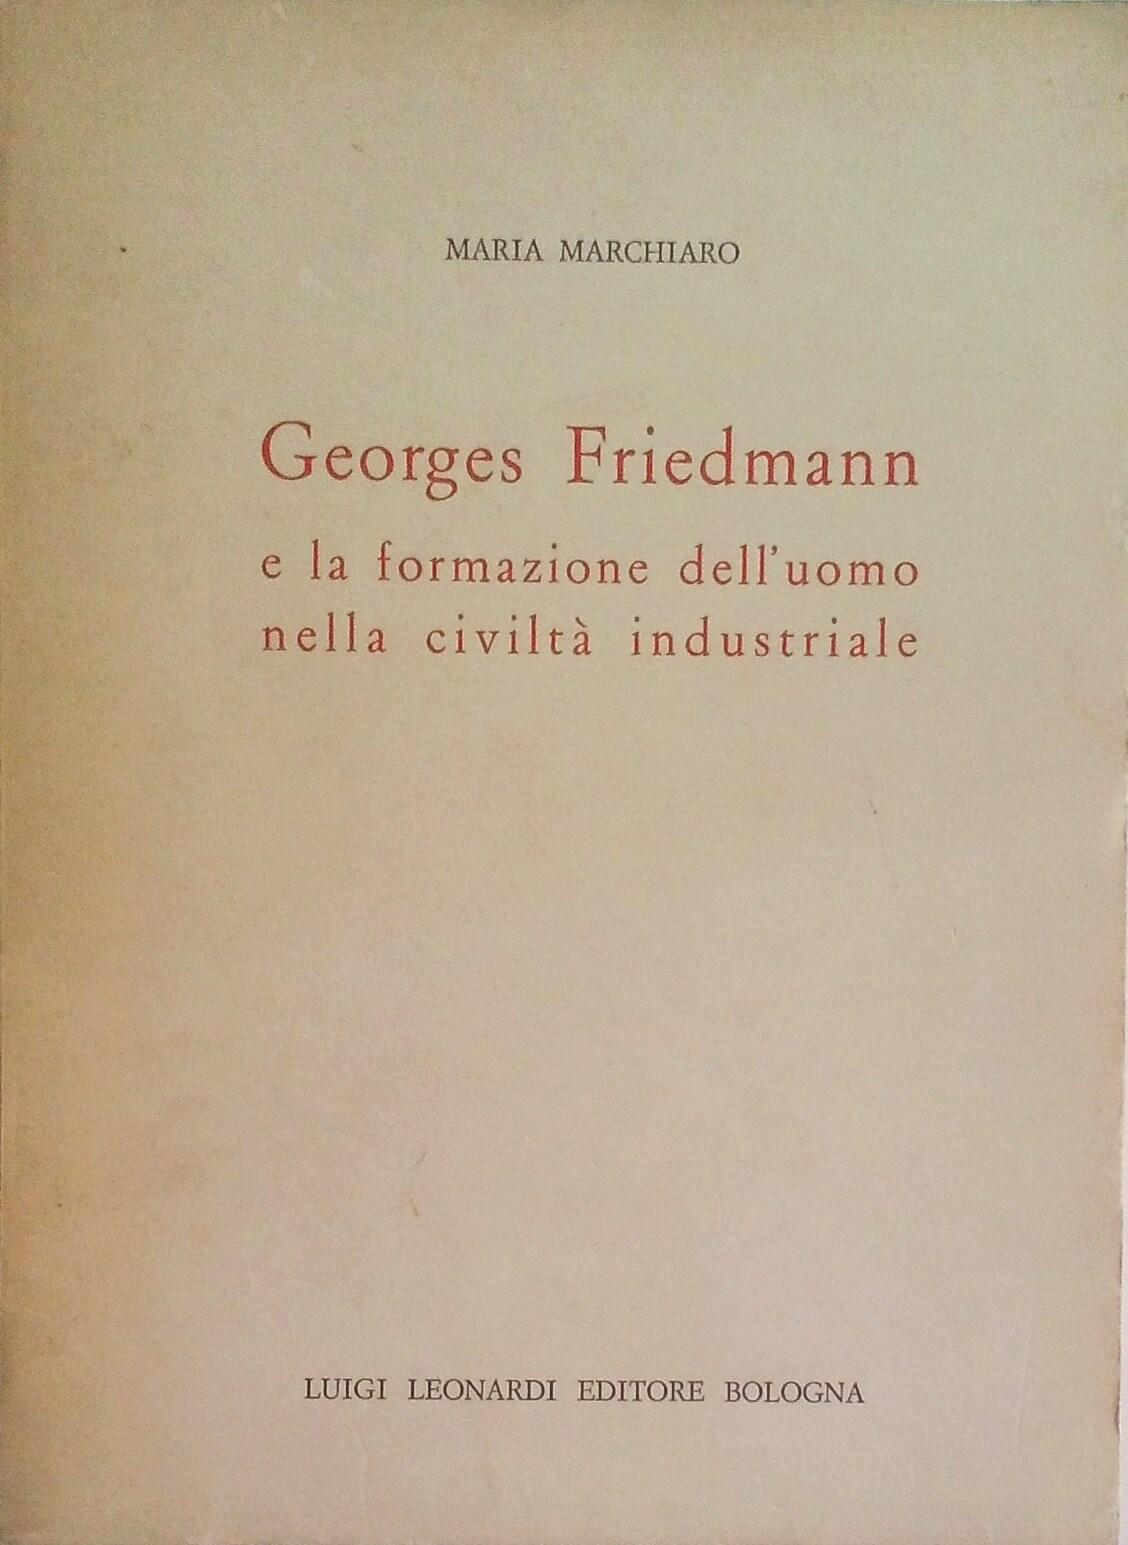 Georges Friedmann e la formazione dell'uomo nella civiltà industriale